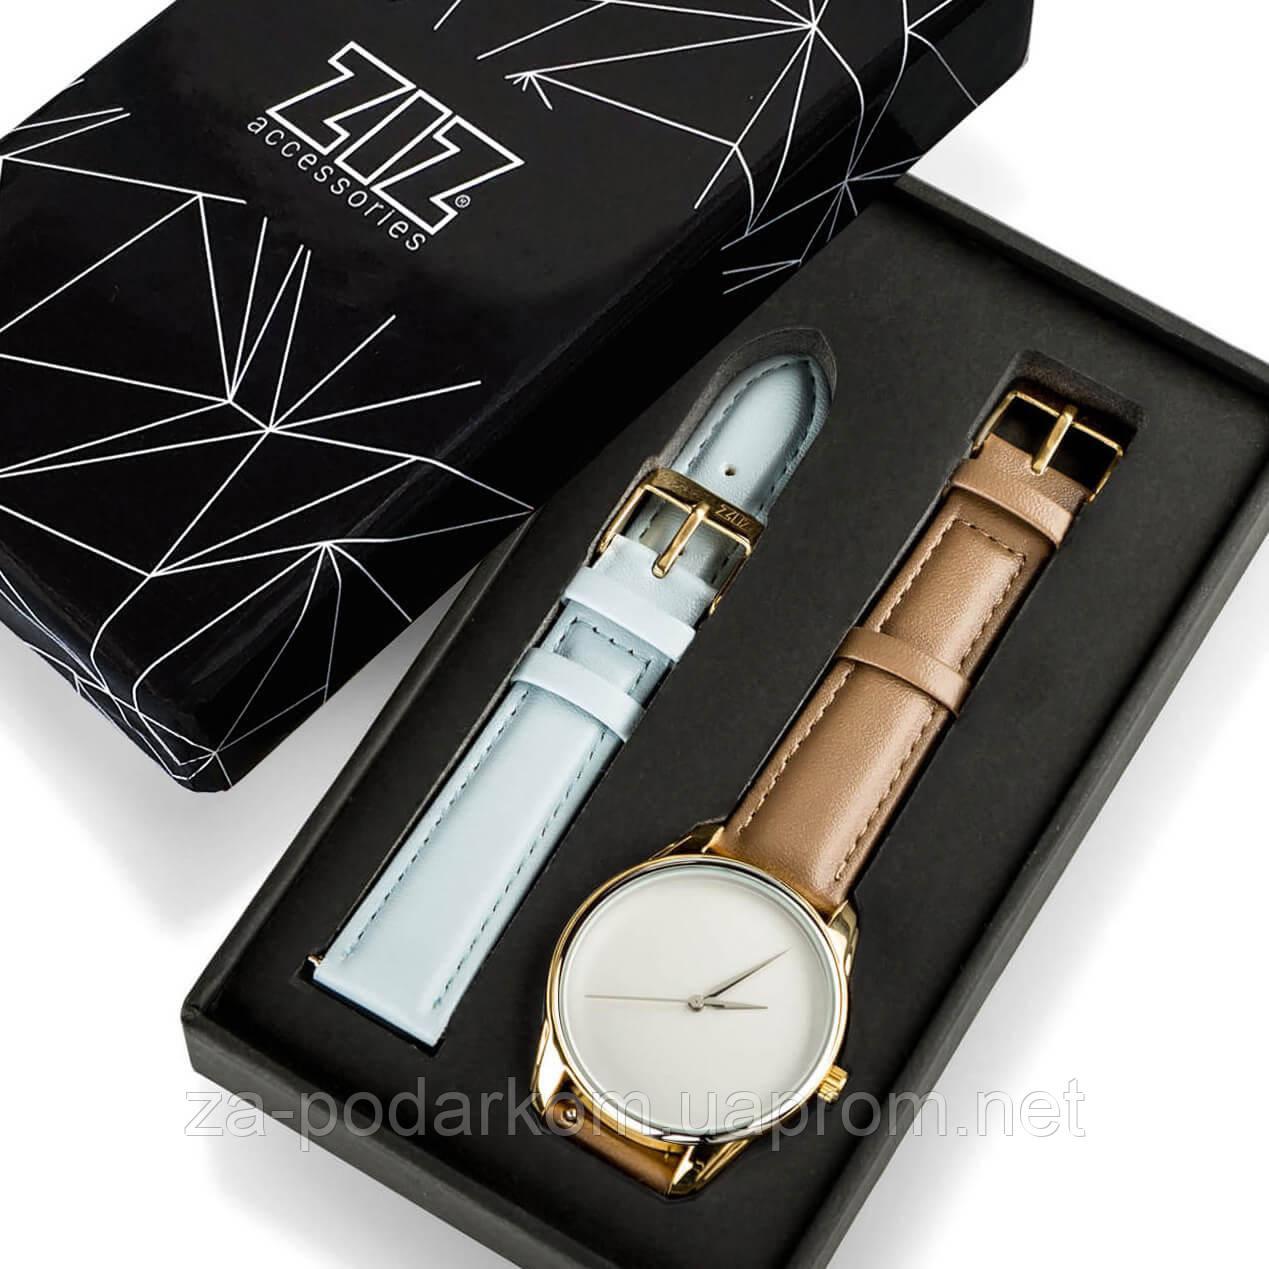 """Годинник """"Сіро-коричневий мінімалізм"""" подарунок жінці, чоловікові"""